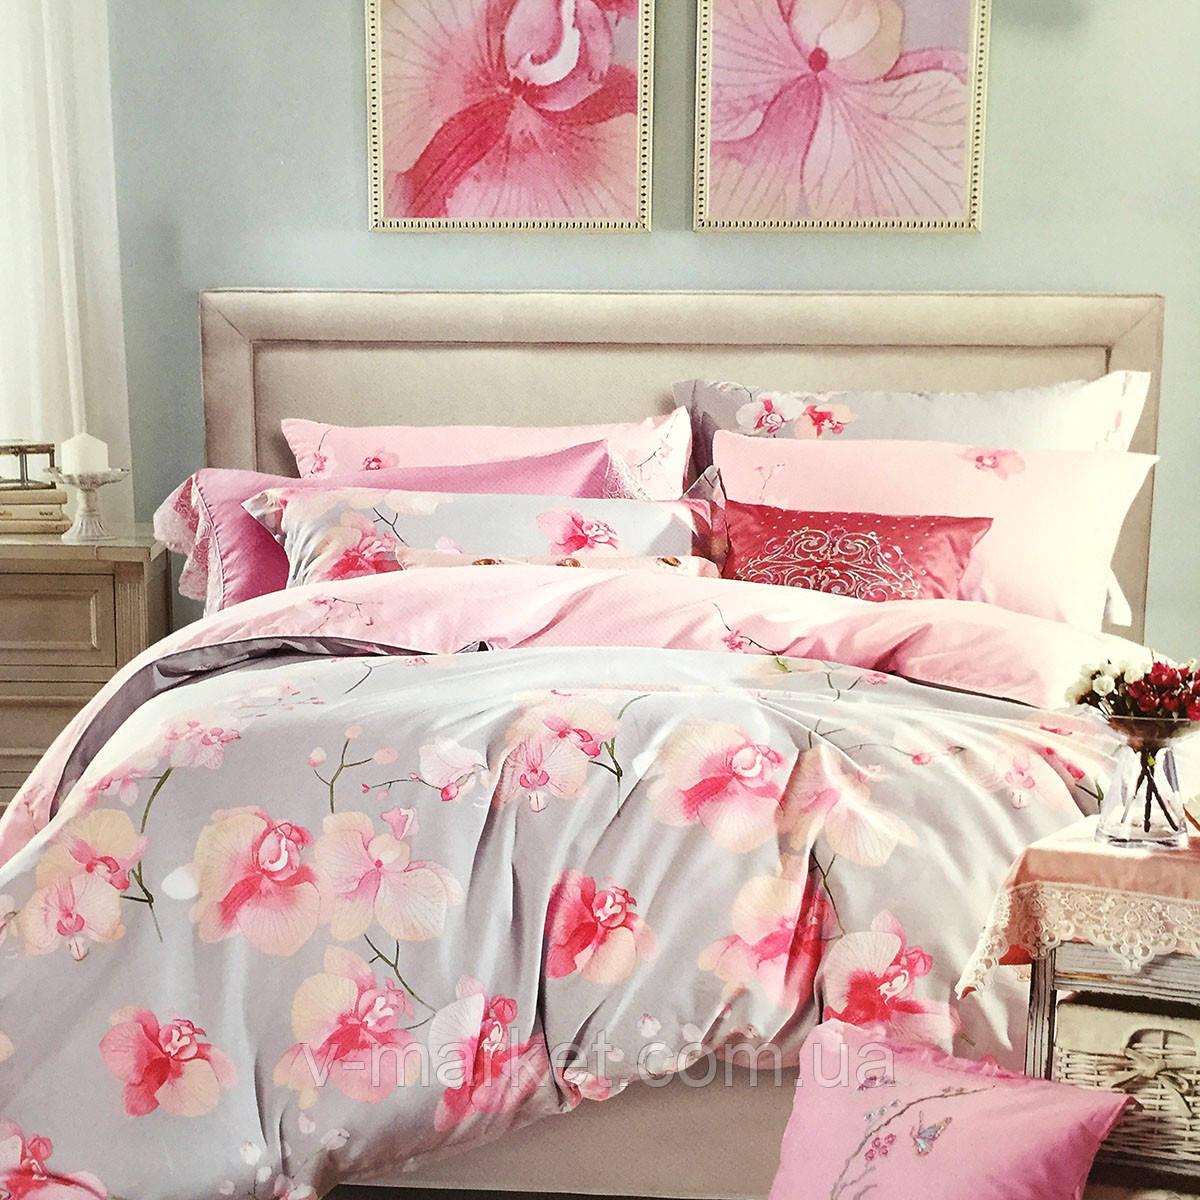 """""""Орхидеи"""" Евро размер постельное белье ELWAY (Польша), 200/220 см, ткань сатин (100% хлопок)."""